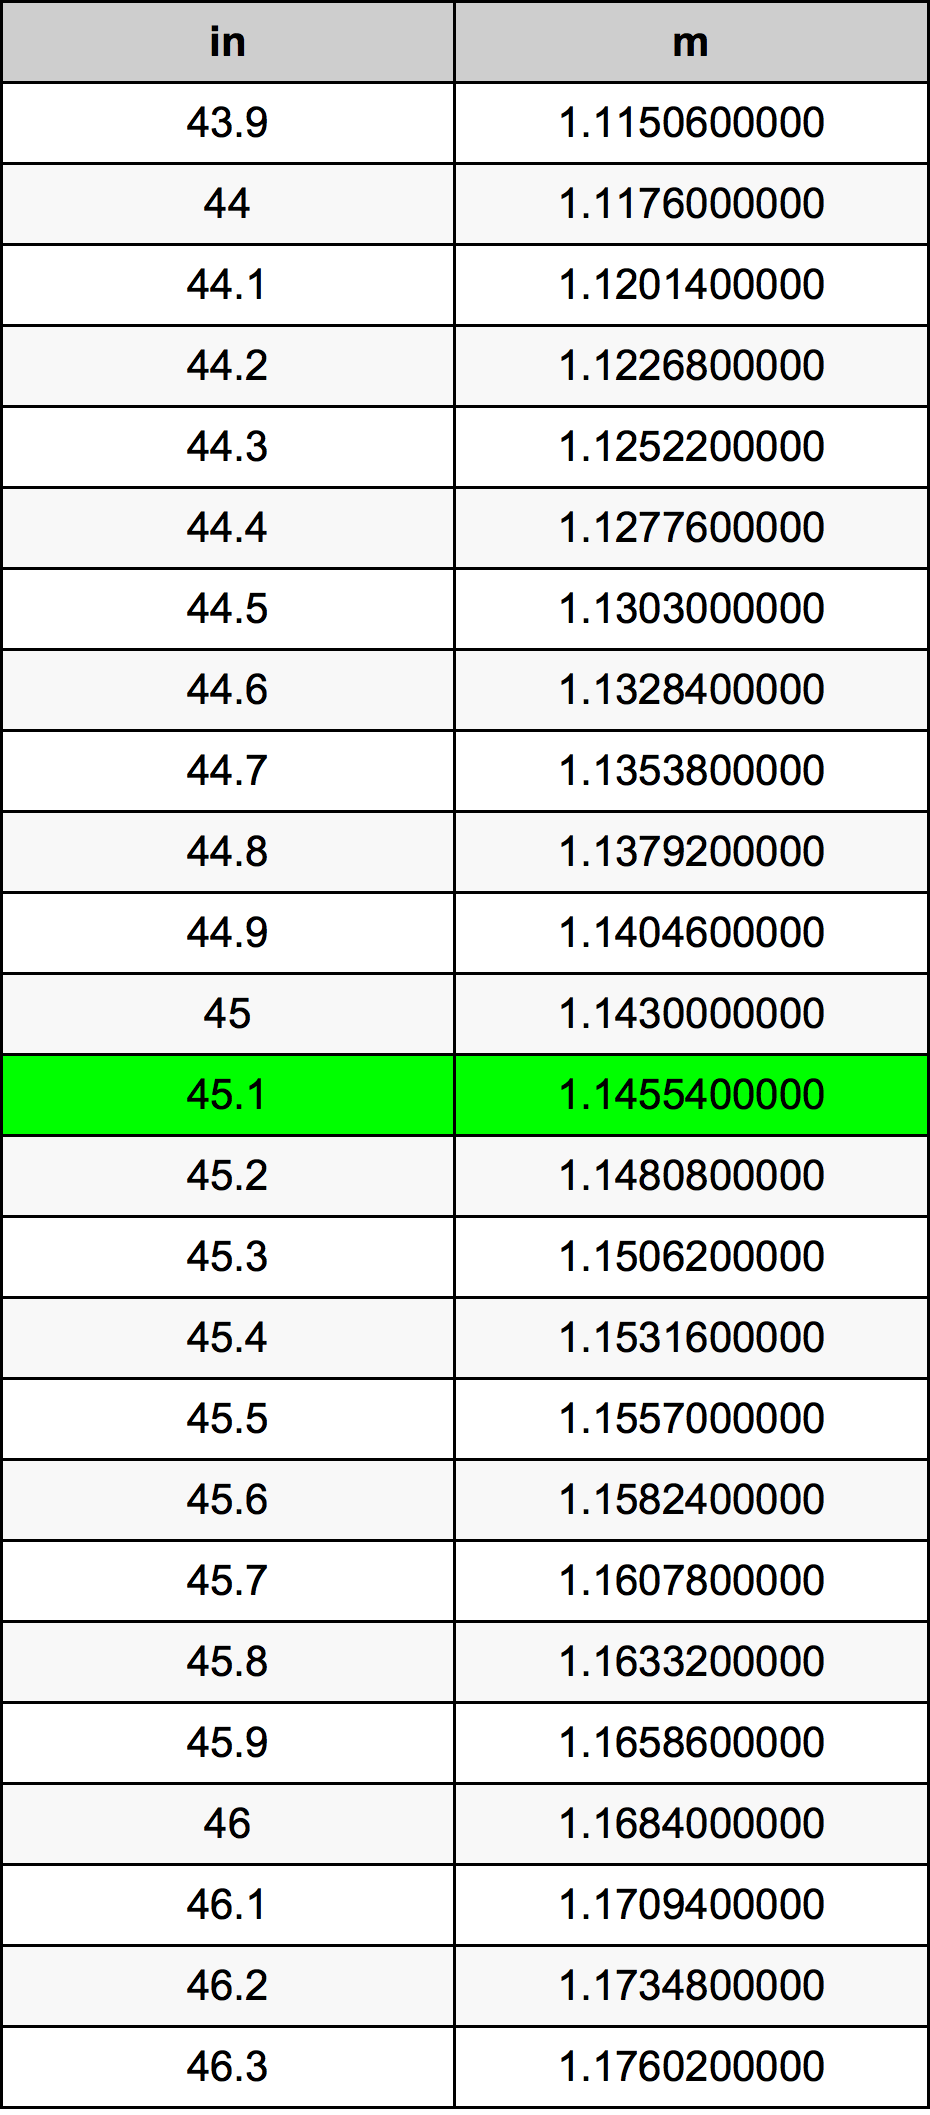 45.1 Colis konversijos lentelę